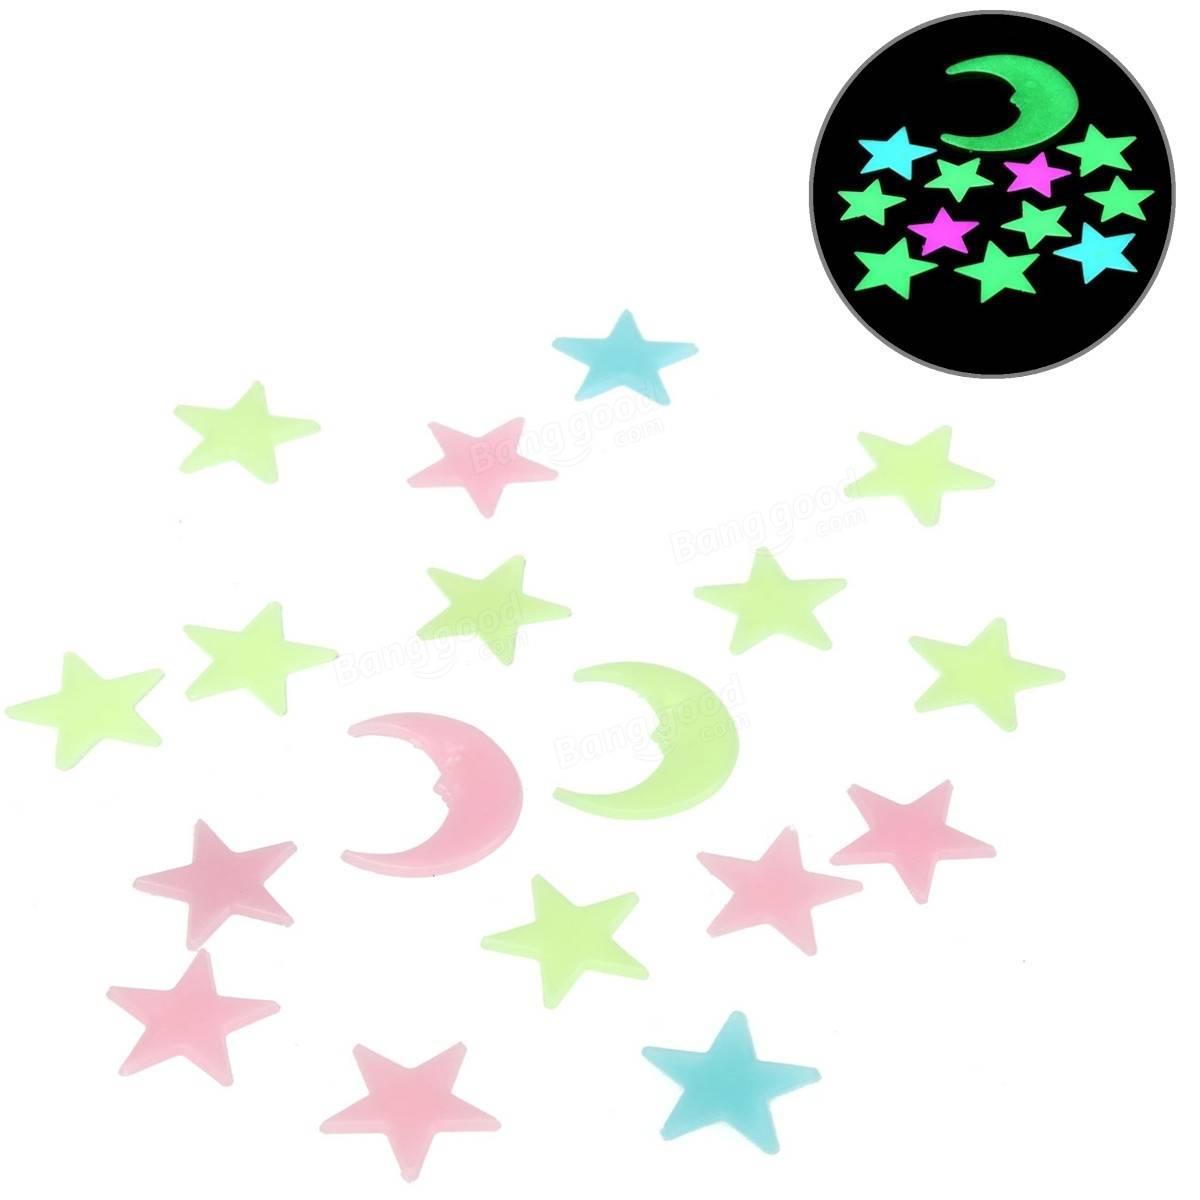 Светящиеся Звезды и луна. Светящиеся звездочки, месяц на стену, потолок. Фосфорные наклейки